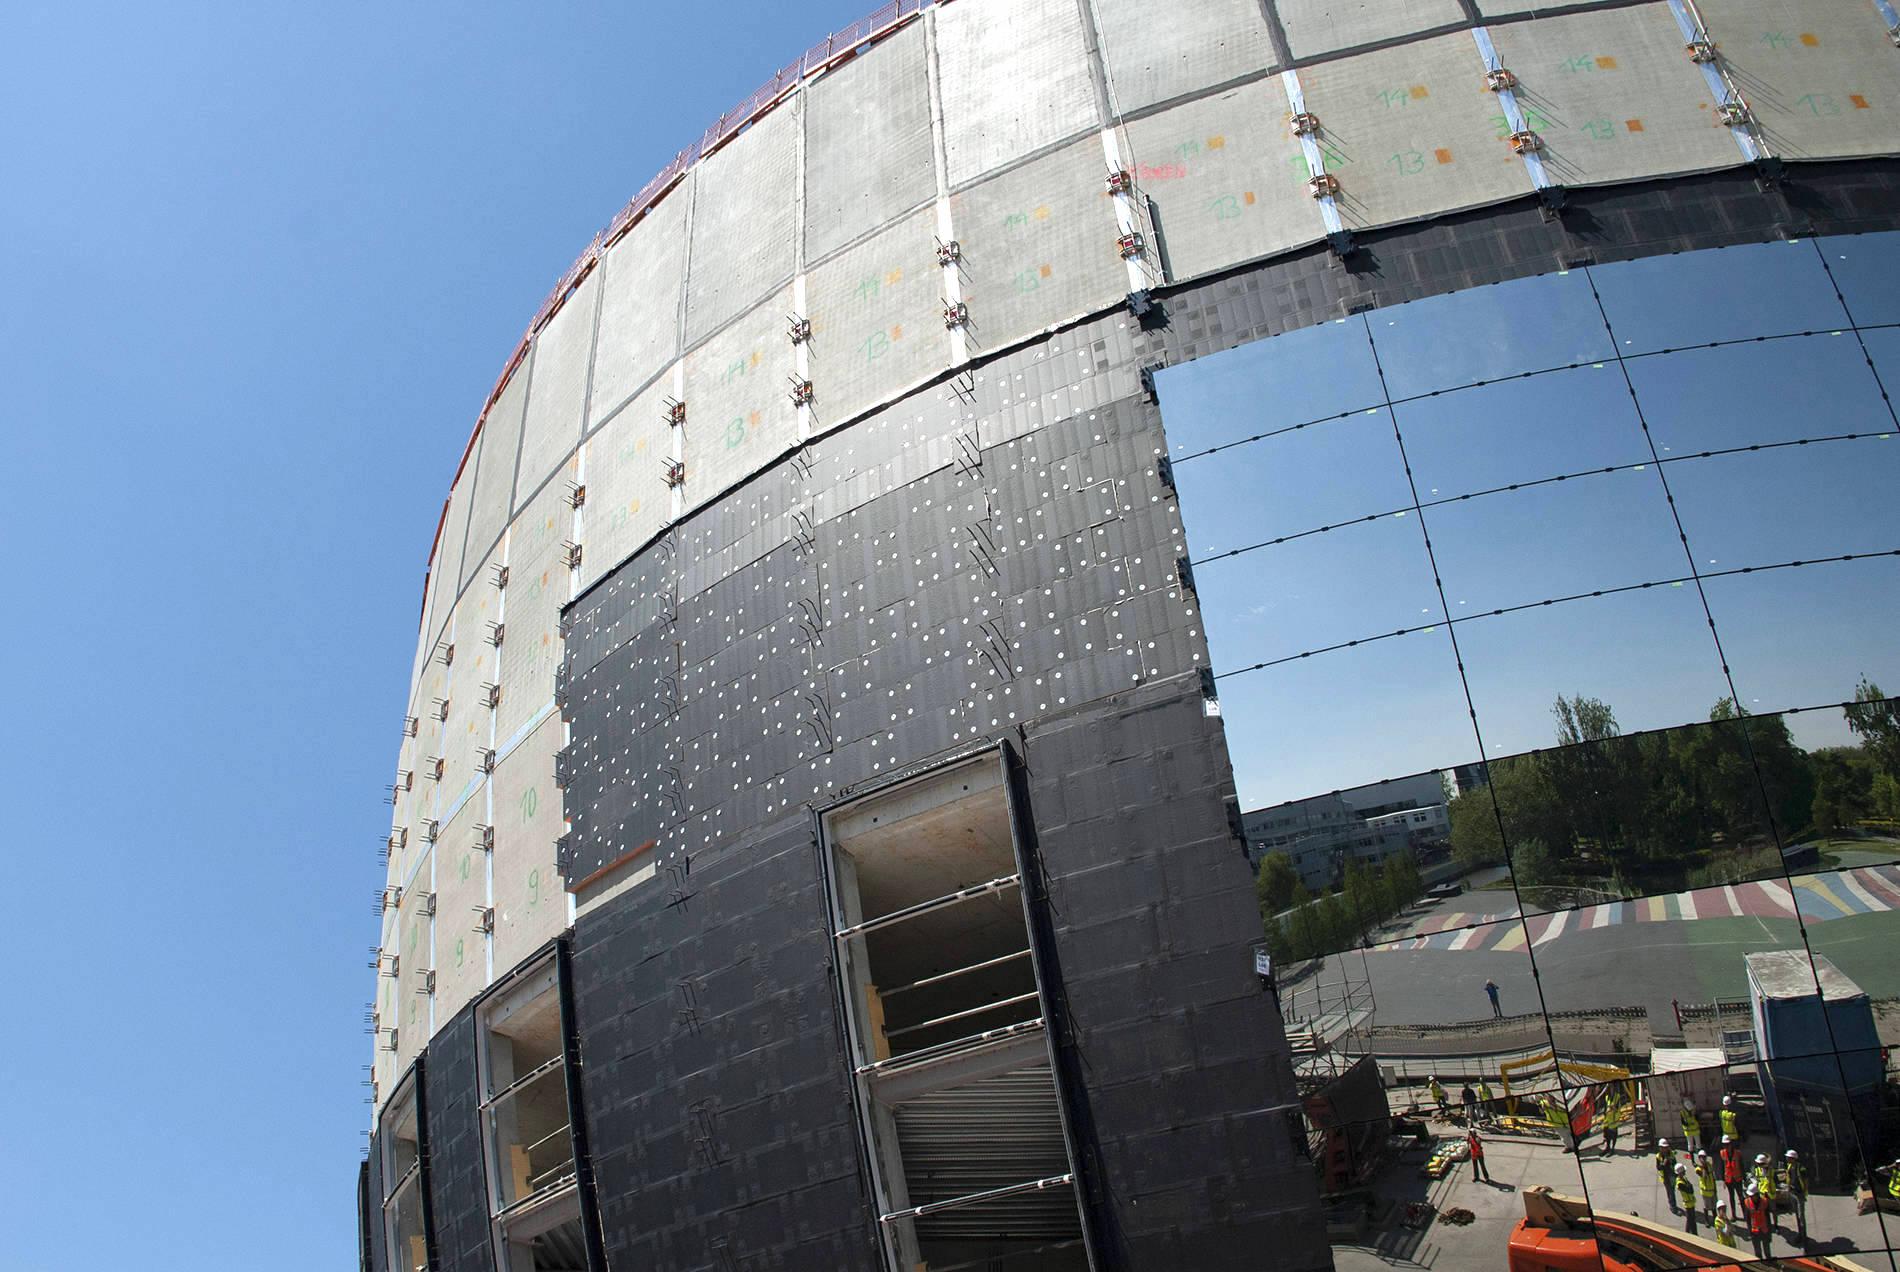 Depot Boijmans Van Beuningen. Die Grundfläche des schüsselförmigen Baukörpers hat einen Durchmesser von 40 Meter. Er verbreitert sich nach oben hin zu einem Durchmesser von 60 Meter.